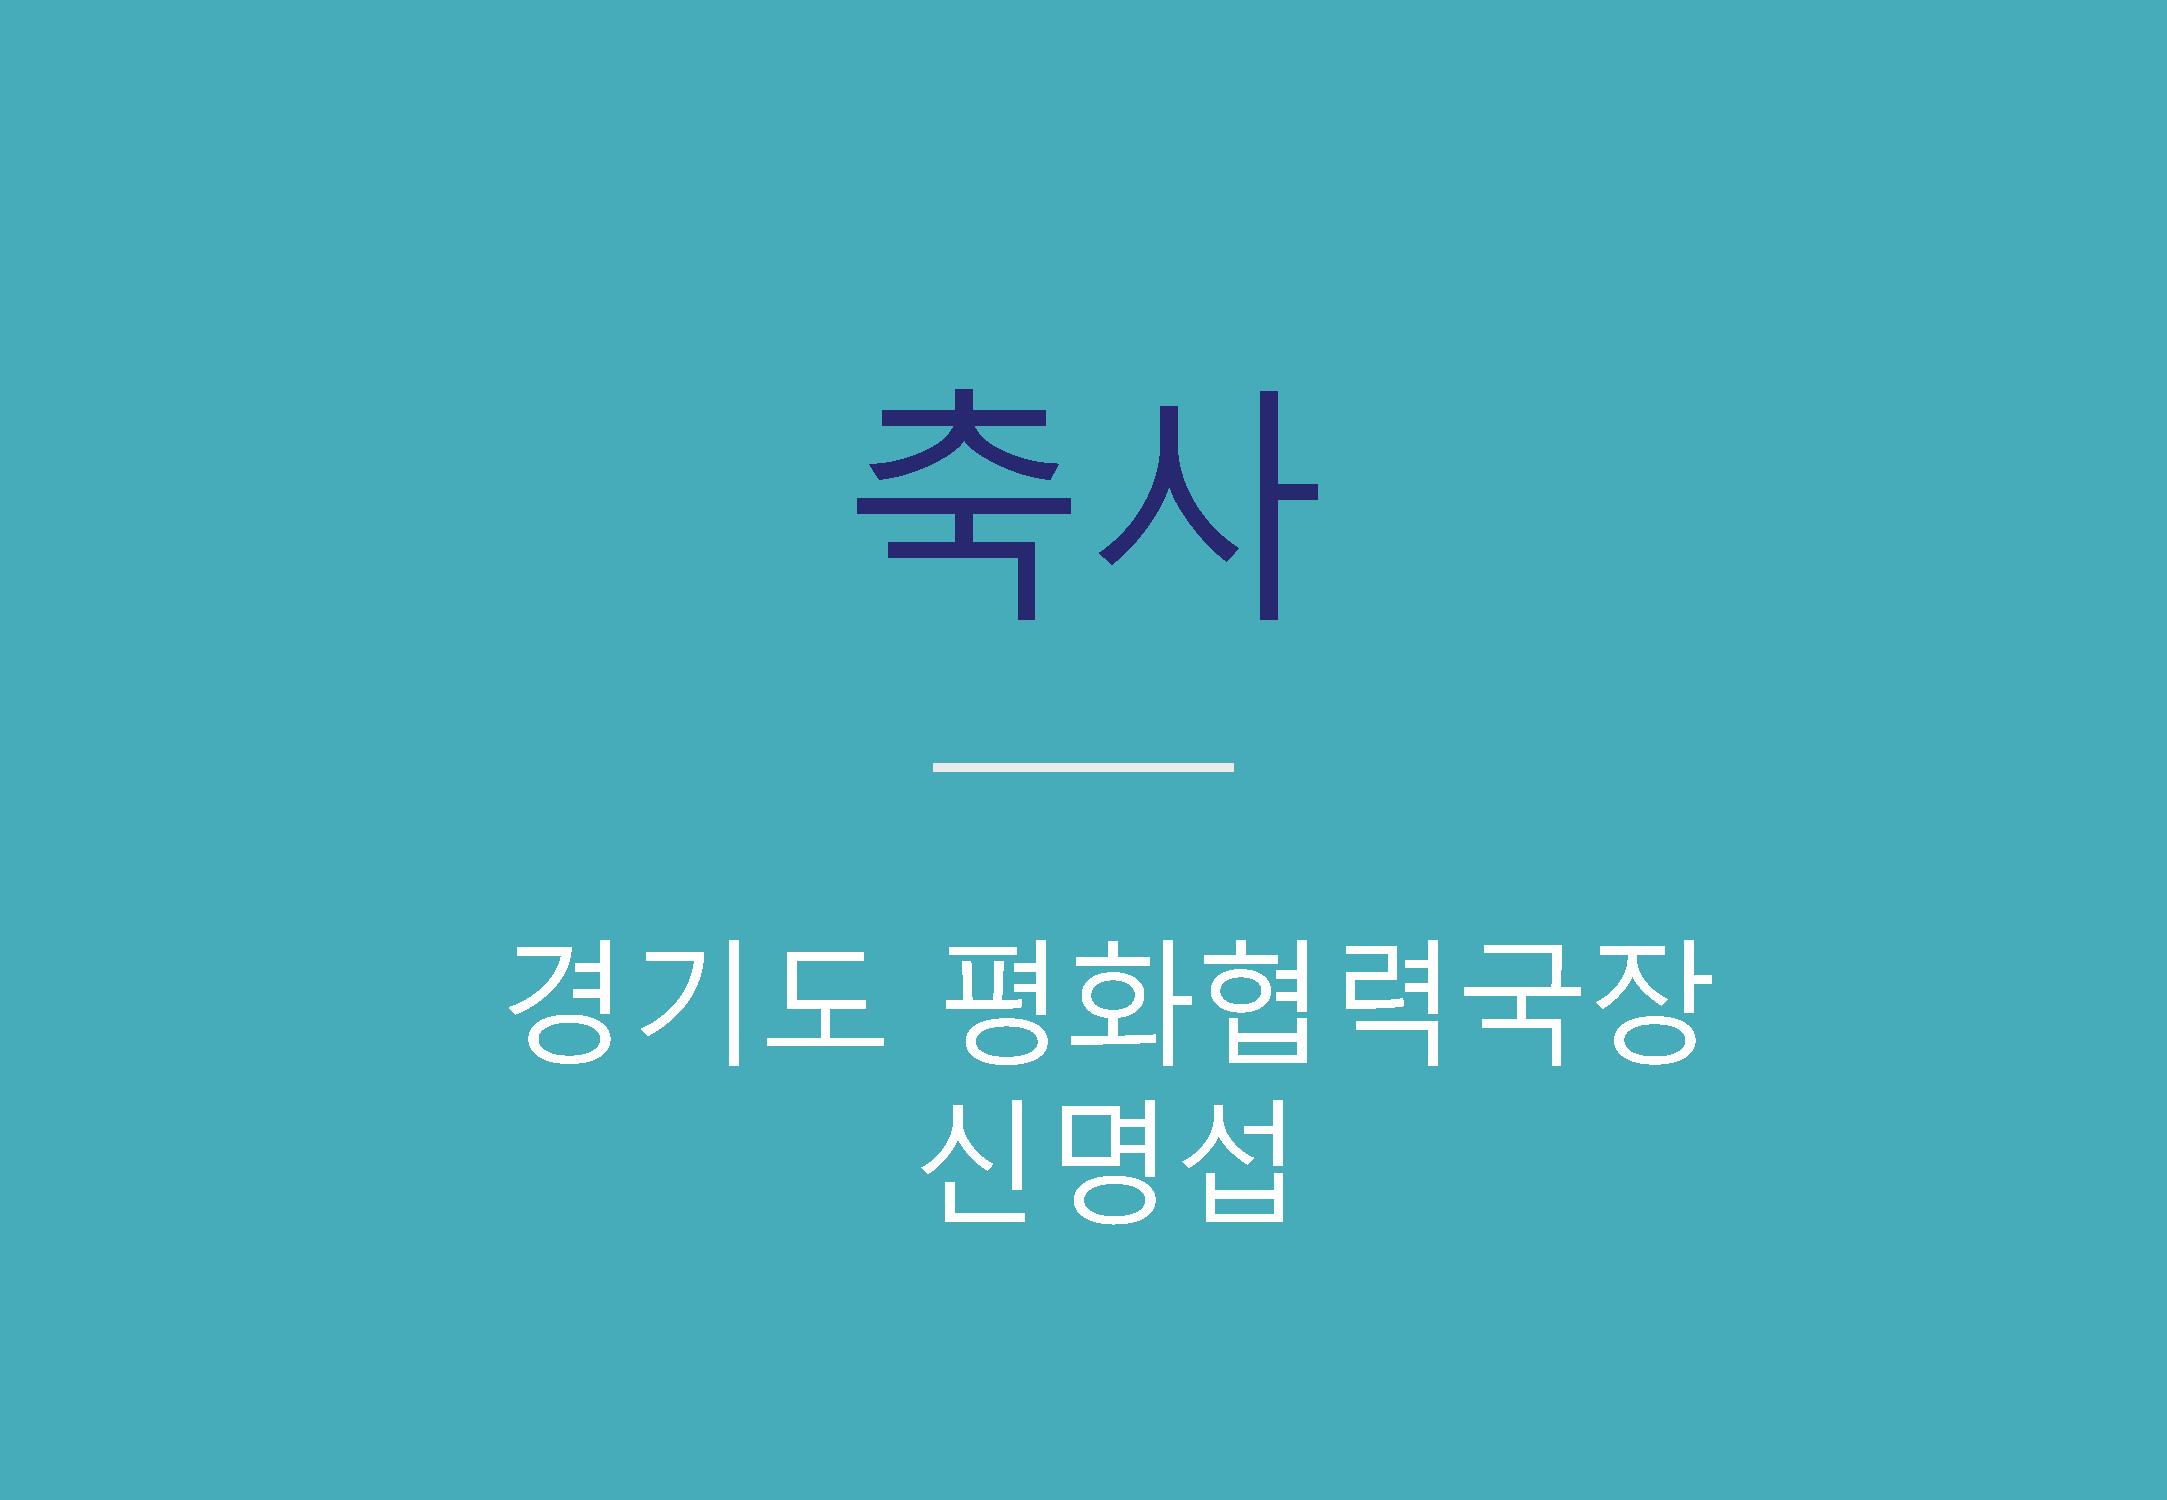 경기 평화통일비전사회적대화_190824_식순 PPT_최종_페이지_014